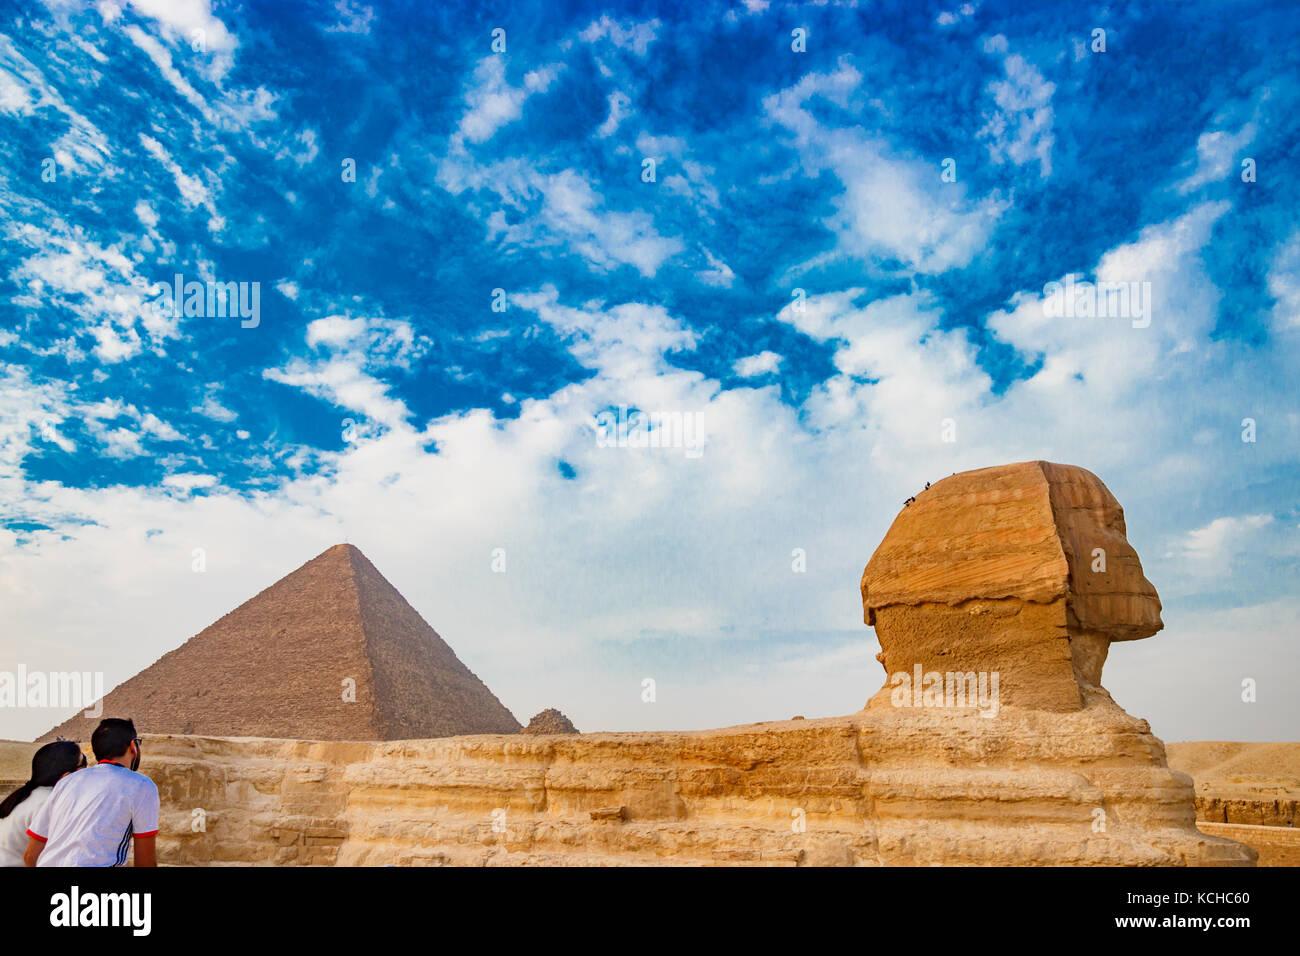 Admirer le sphinx au Caire, Egypte Photo Stock